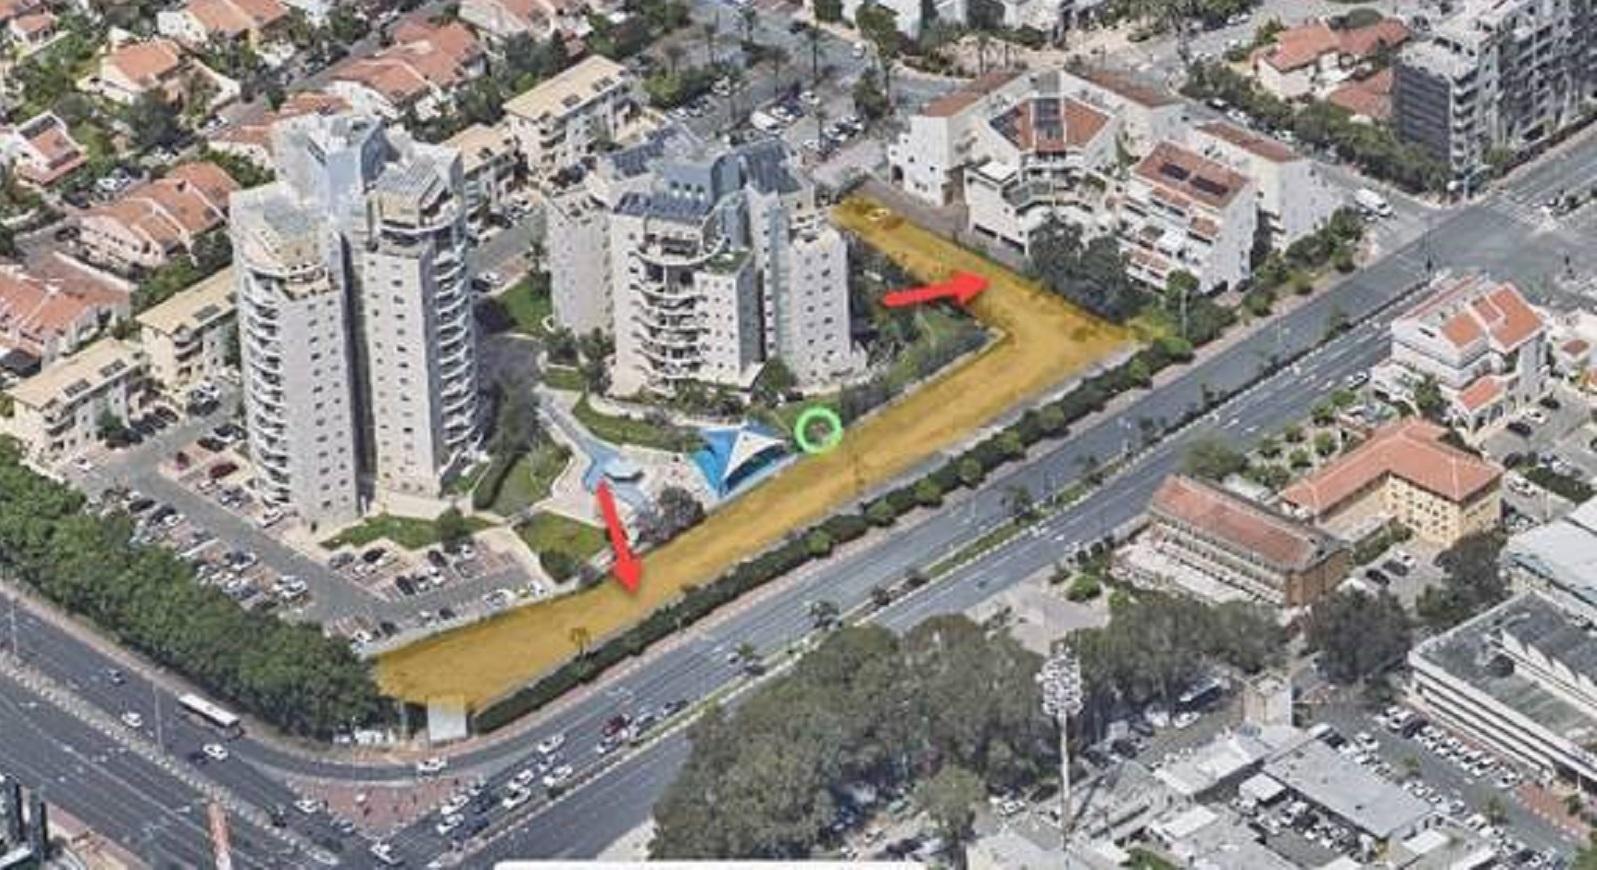 """כפר סבא: חניון ציבורי חדש בכניסה לעיר וגם: עשרות חניות """"אקספרס פלוס"""" יתווספו בצירים ראשיים החל מהשבוע הקרוב"""